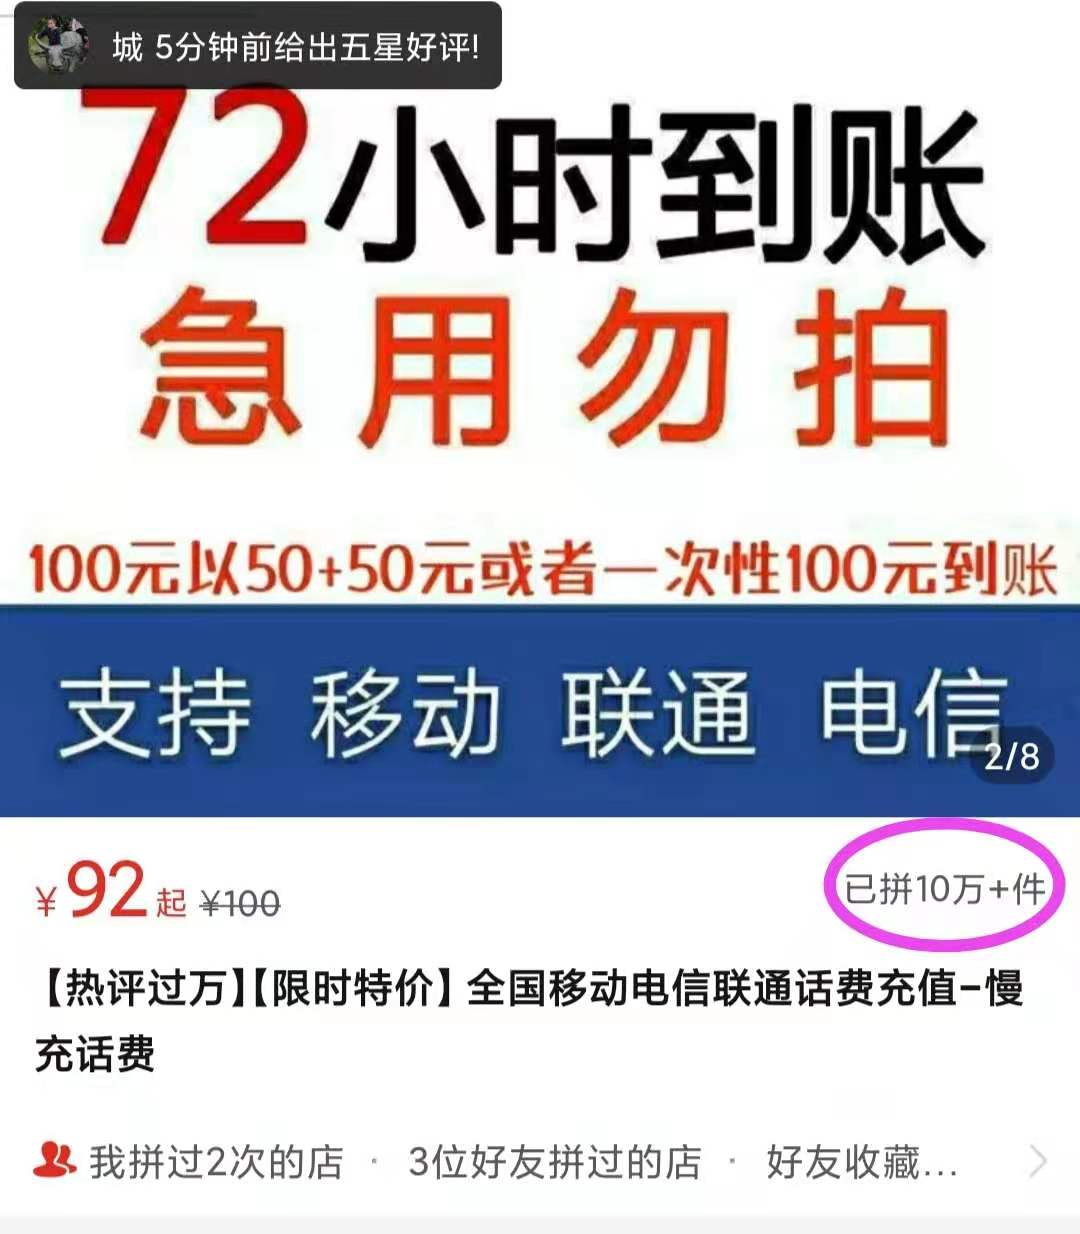 没有比这更优惠,全国三网话费充值92折!